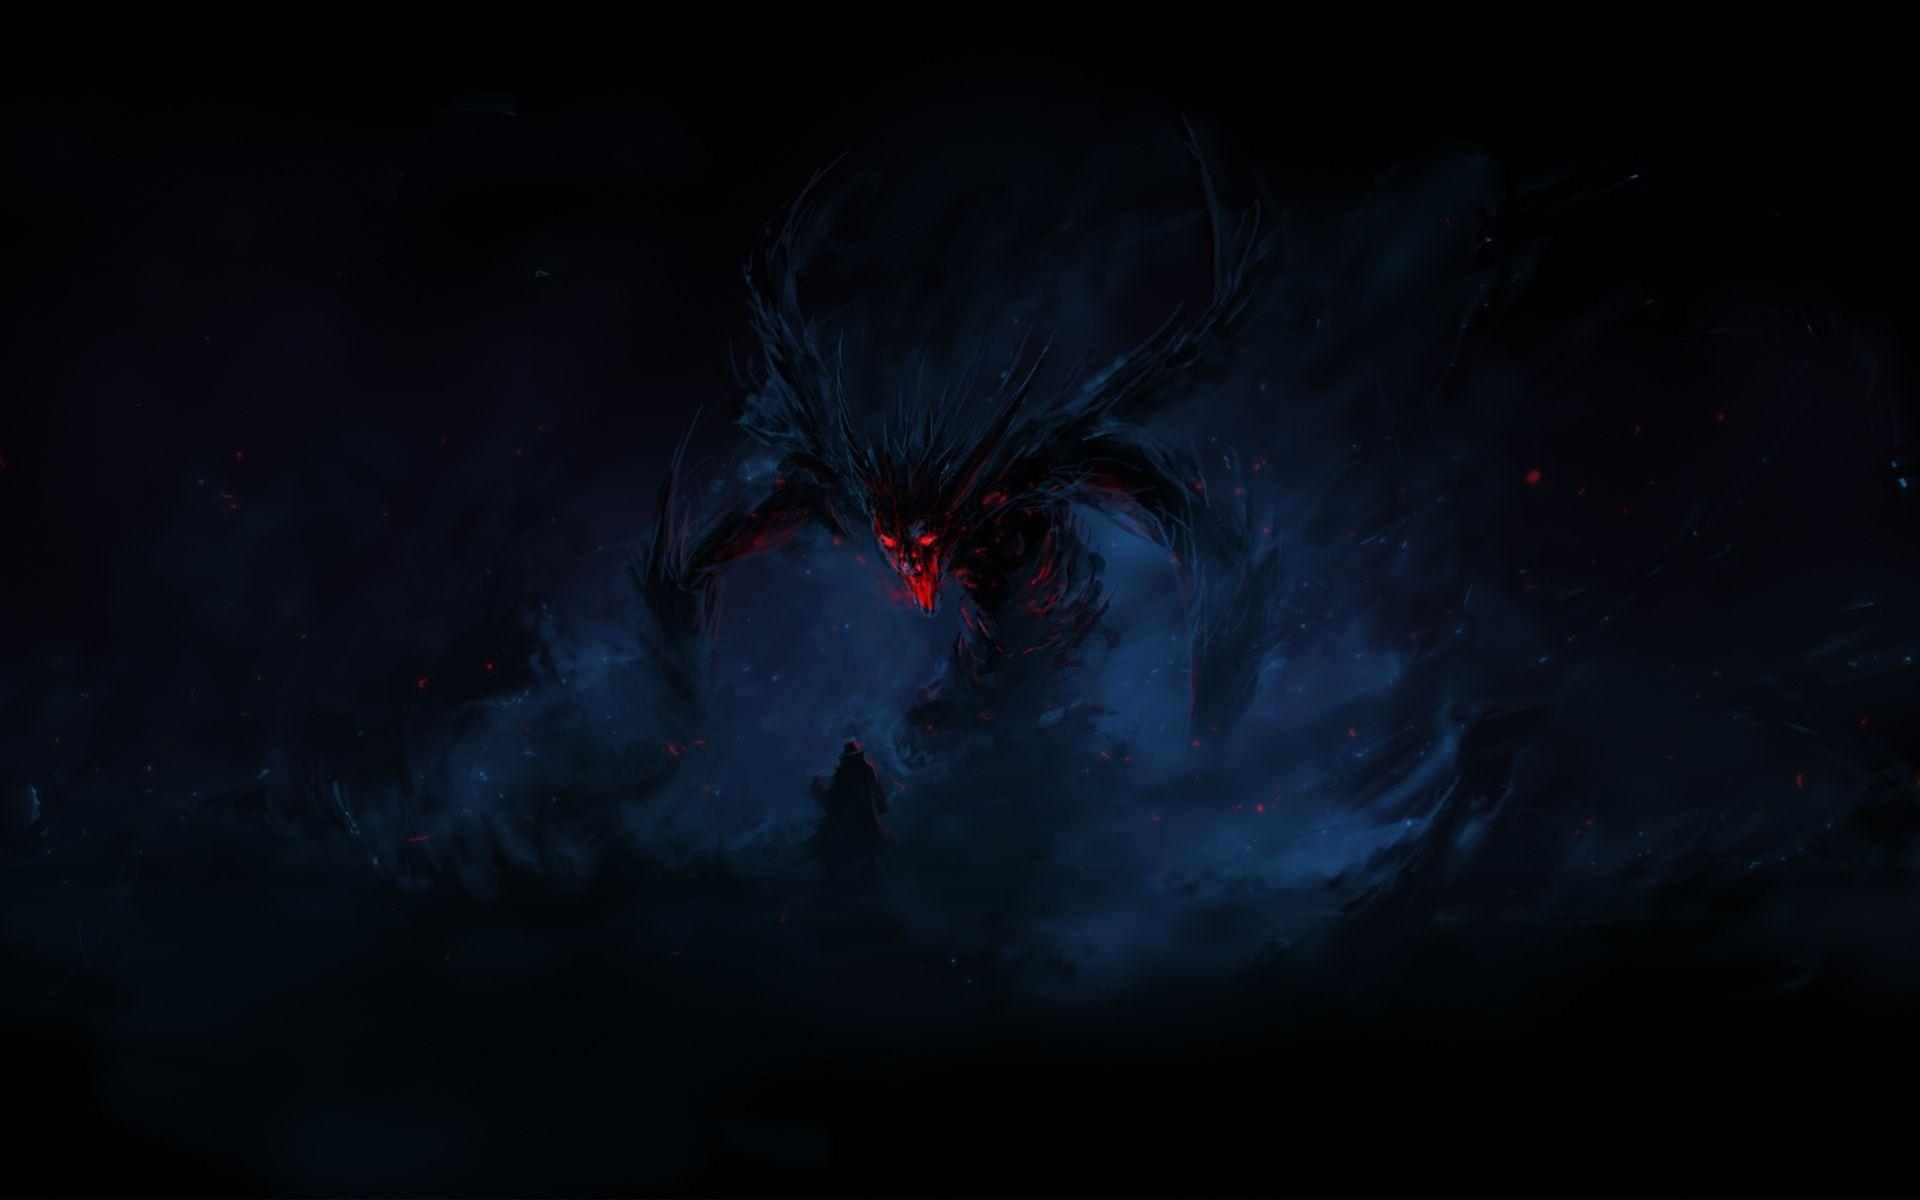 Dark Demon Dark Black Monster Wallpaper Cartoon Wallpaper Hd Dark Creatures Digital Wallpaper